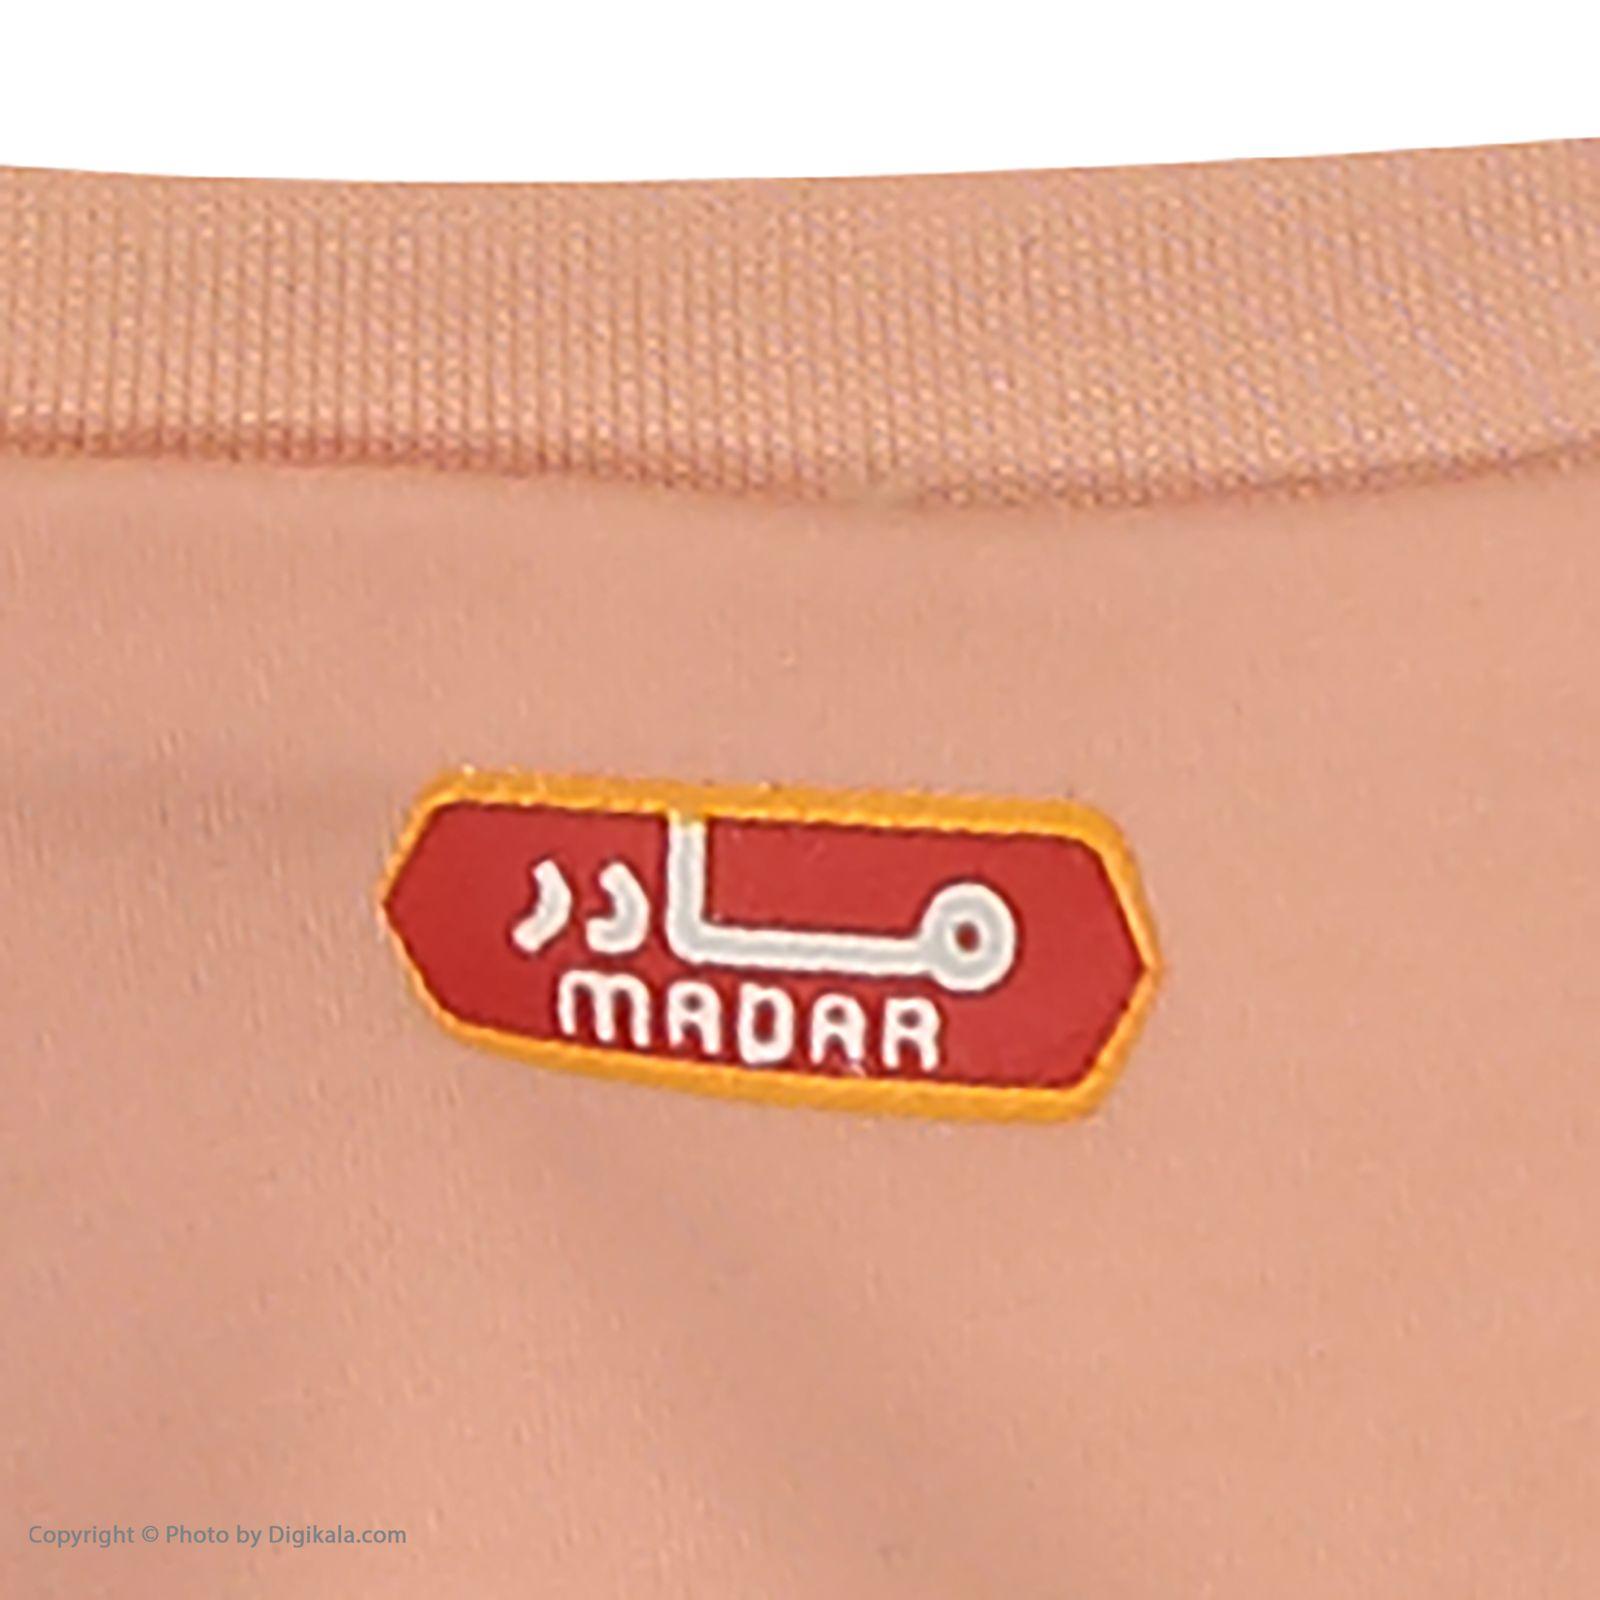 ست تی شرت و شلوار دخترانه مادر مدل 312-80 main 1 7